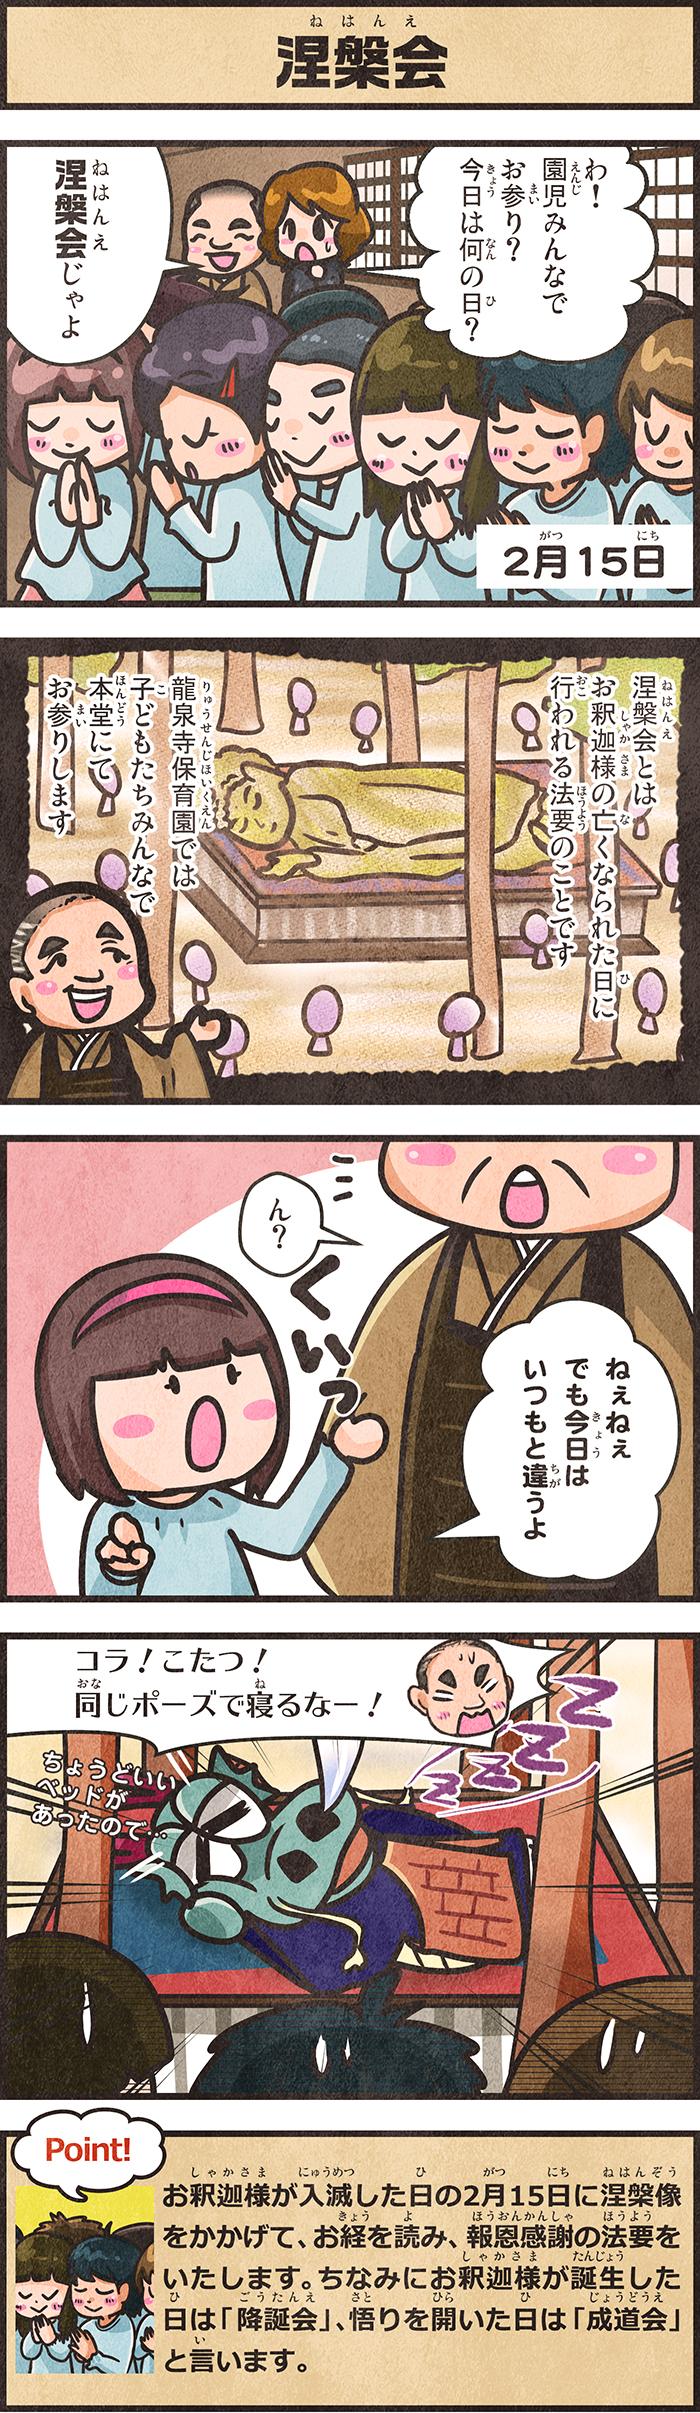 180208_kotatsu_4koma_26